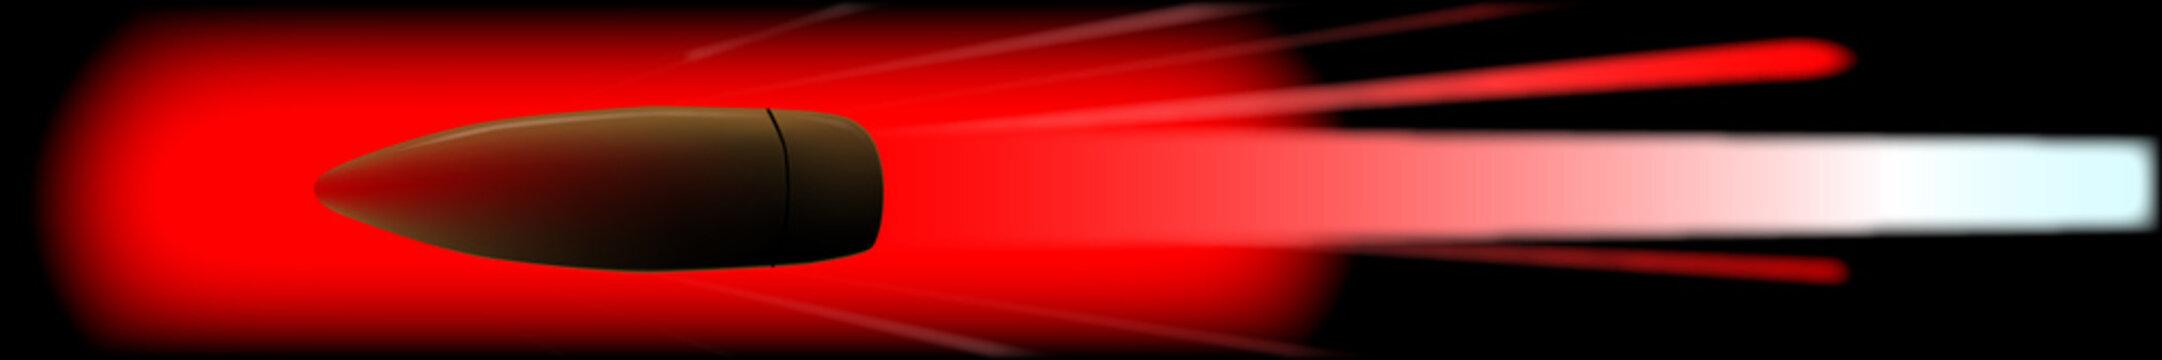 Red Hot Bullet Internet Web Banner Background